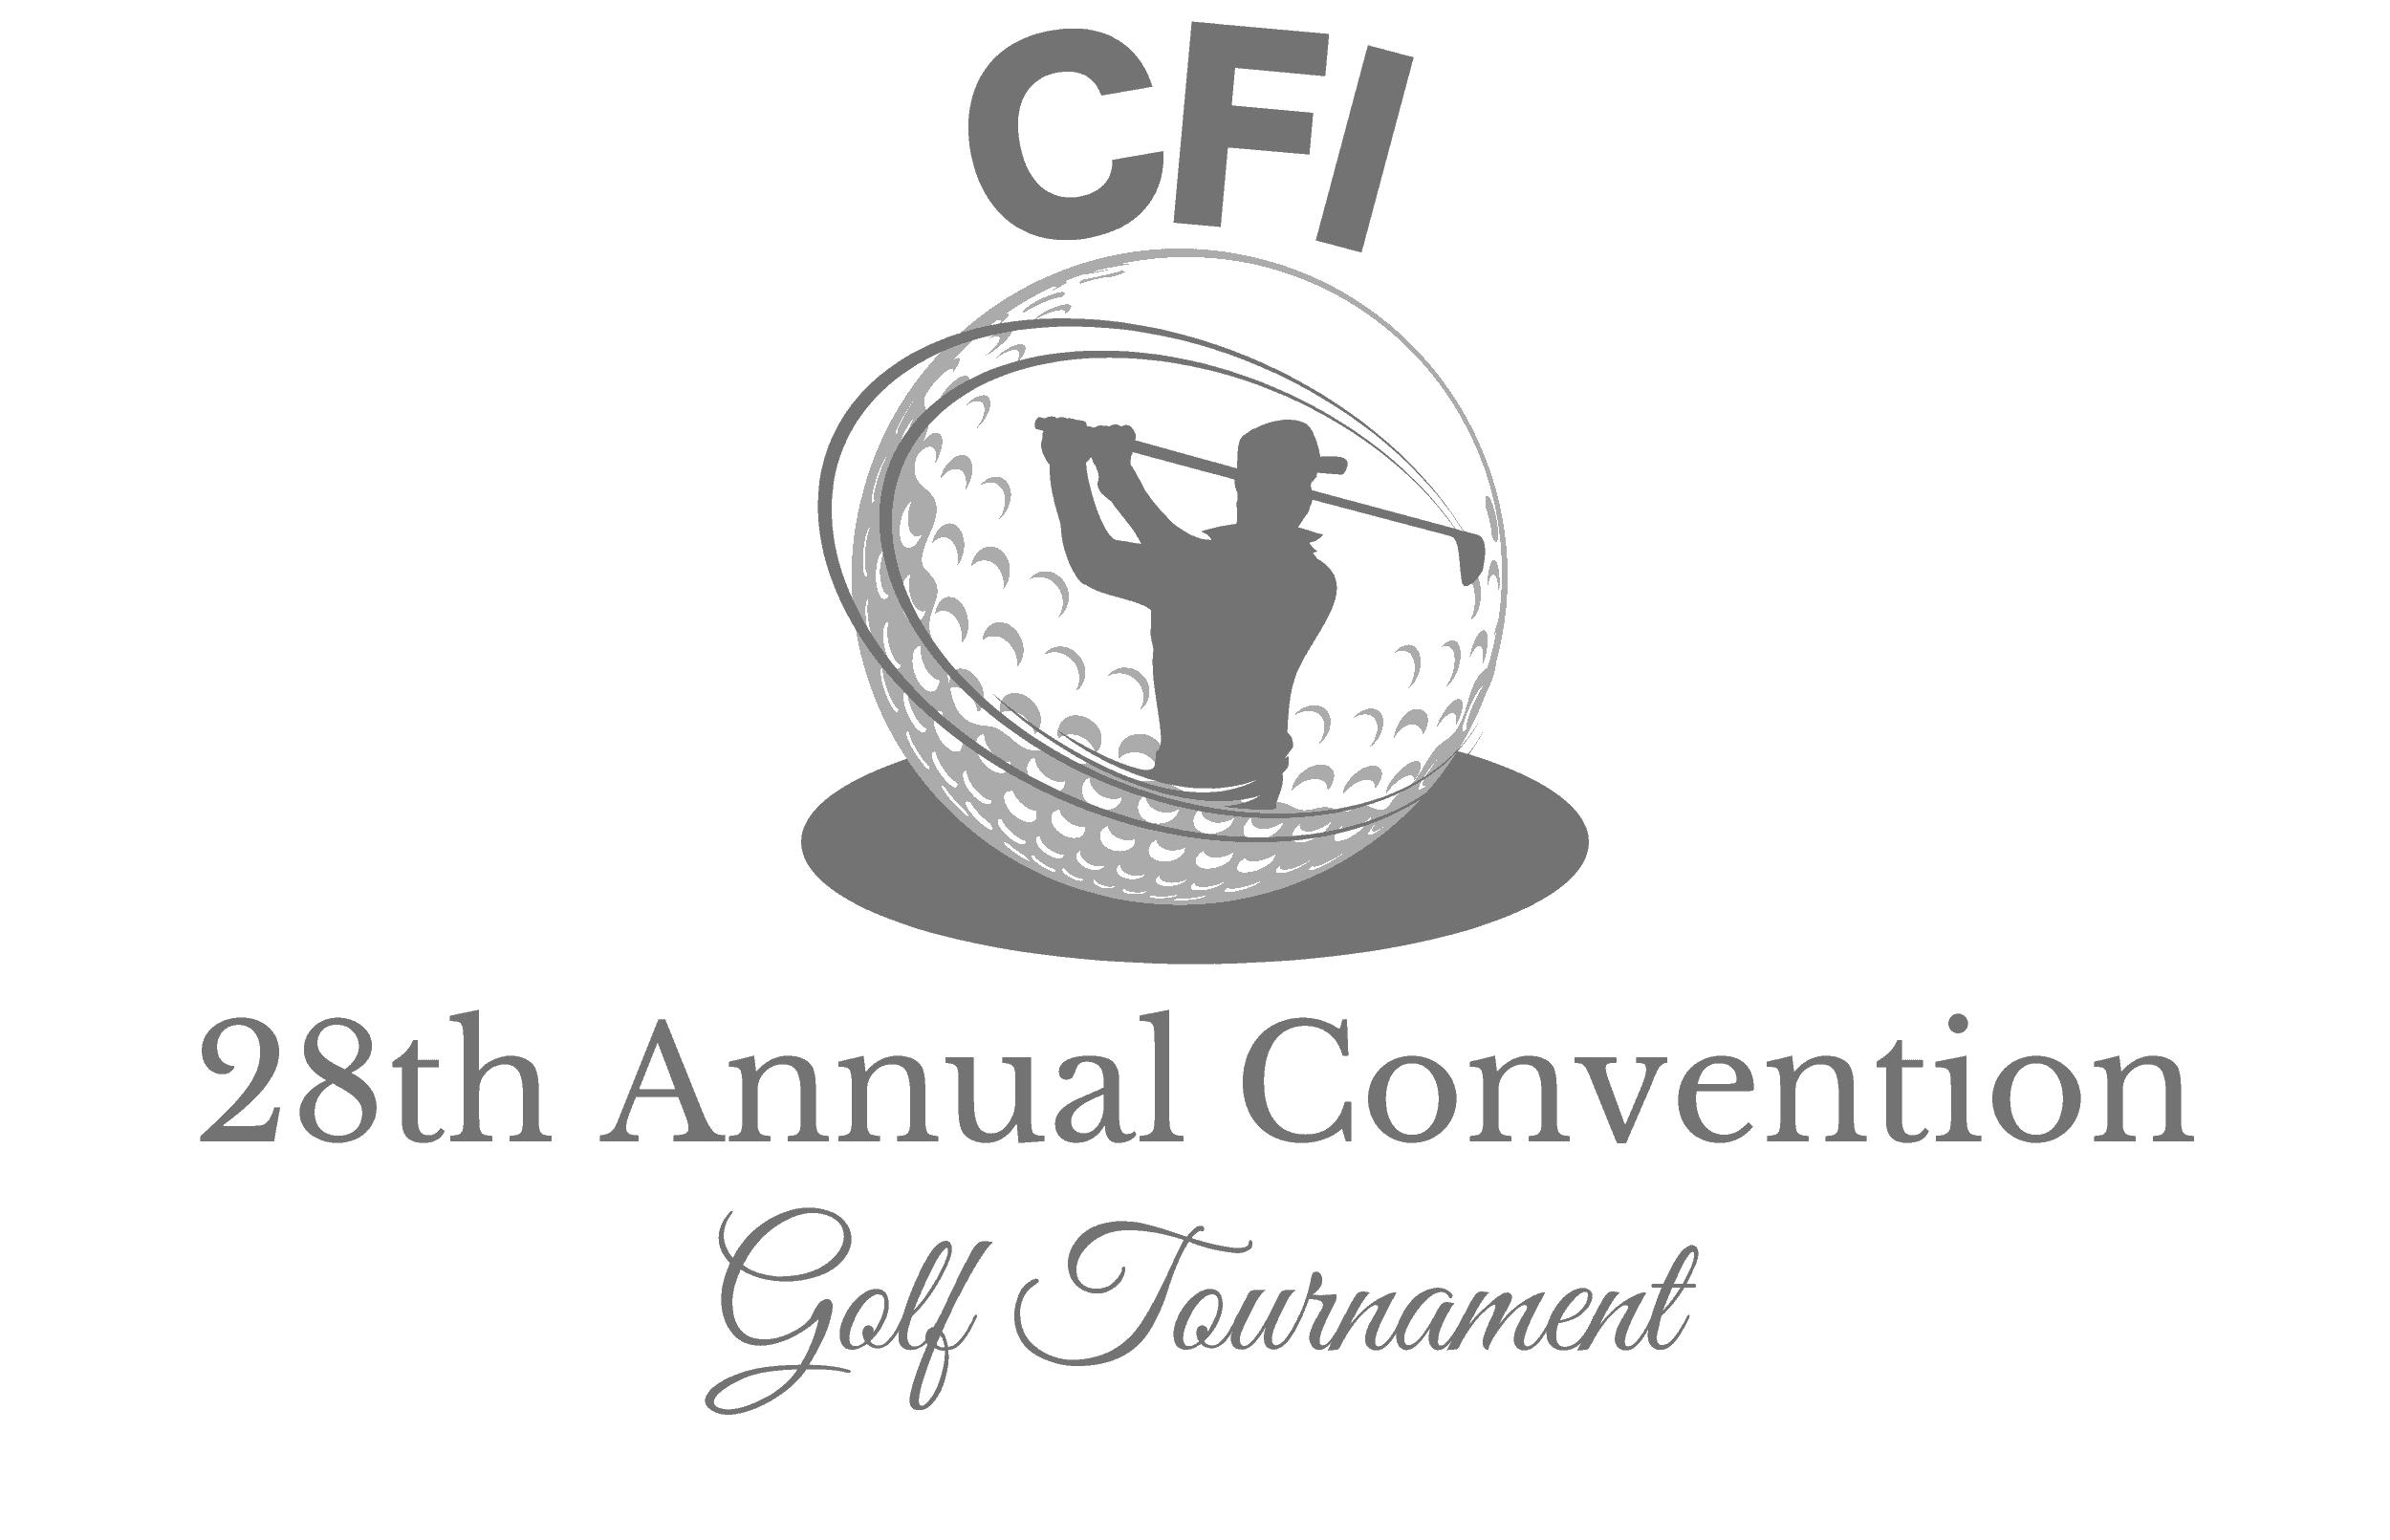 Golf Tournament Clip art (1)